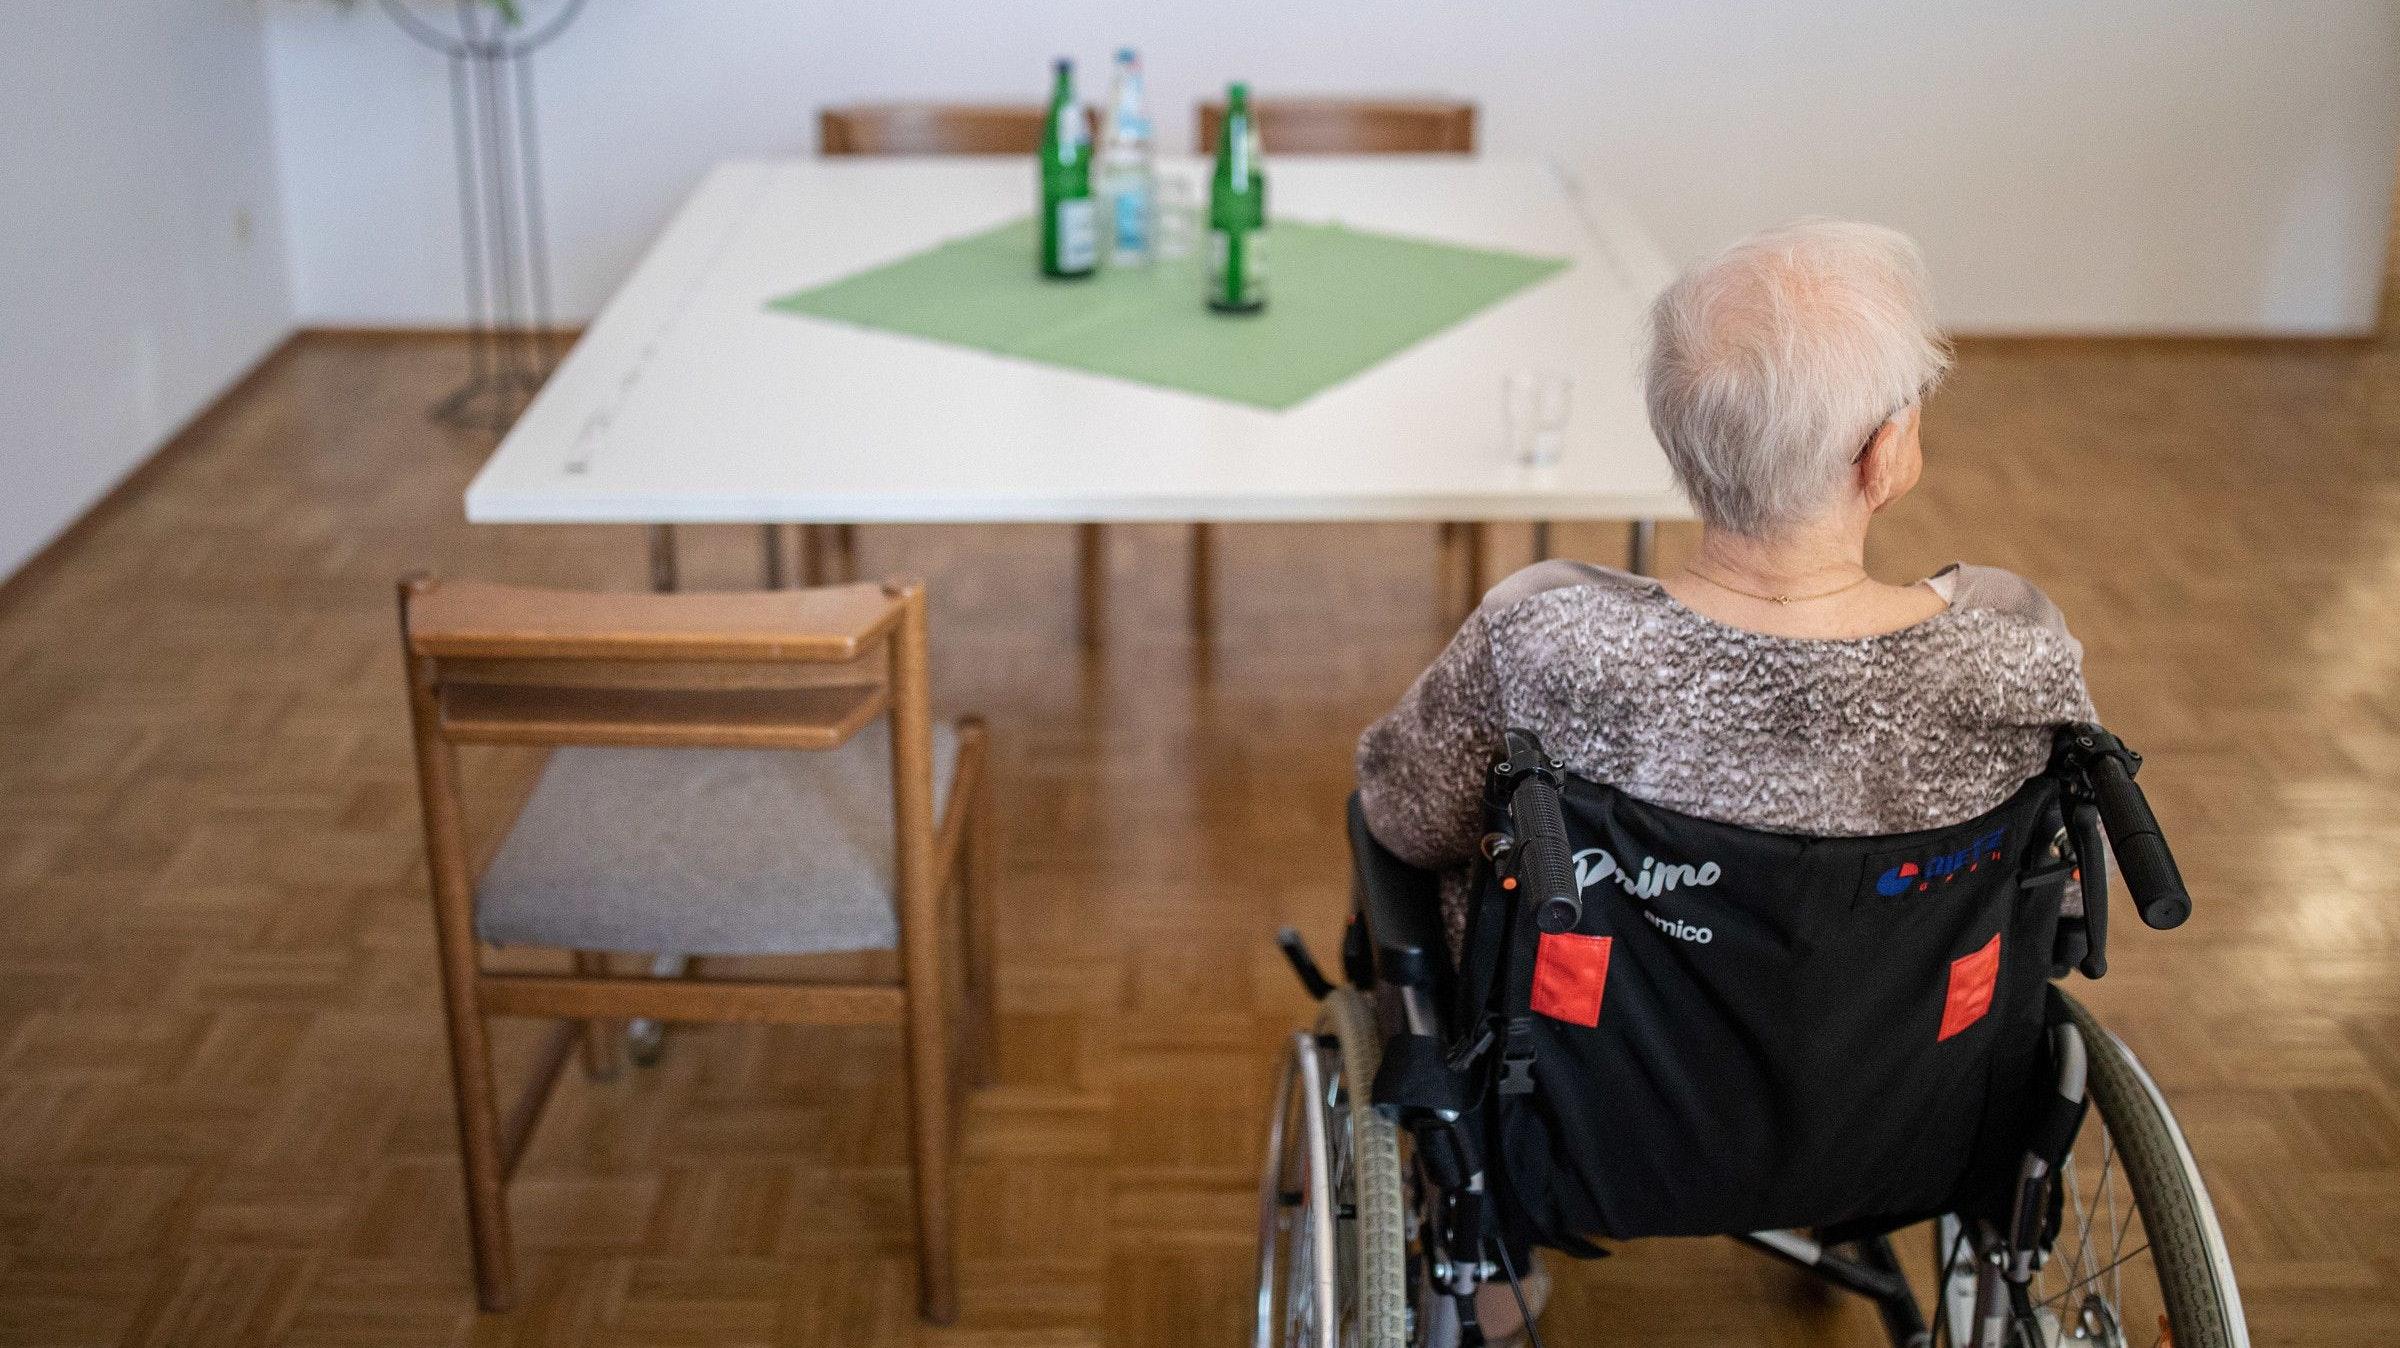 Einsam in Corona-Zeiten: Eine ältere Frau sitzt in einem Pflegeheim in ihrem Rollstuhl vor einem Tisch. Bild: Kusch/dpa